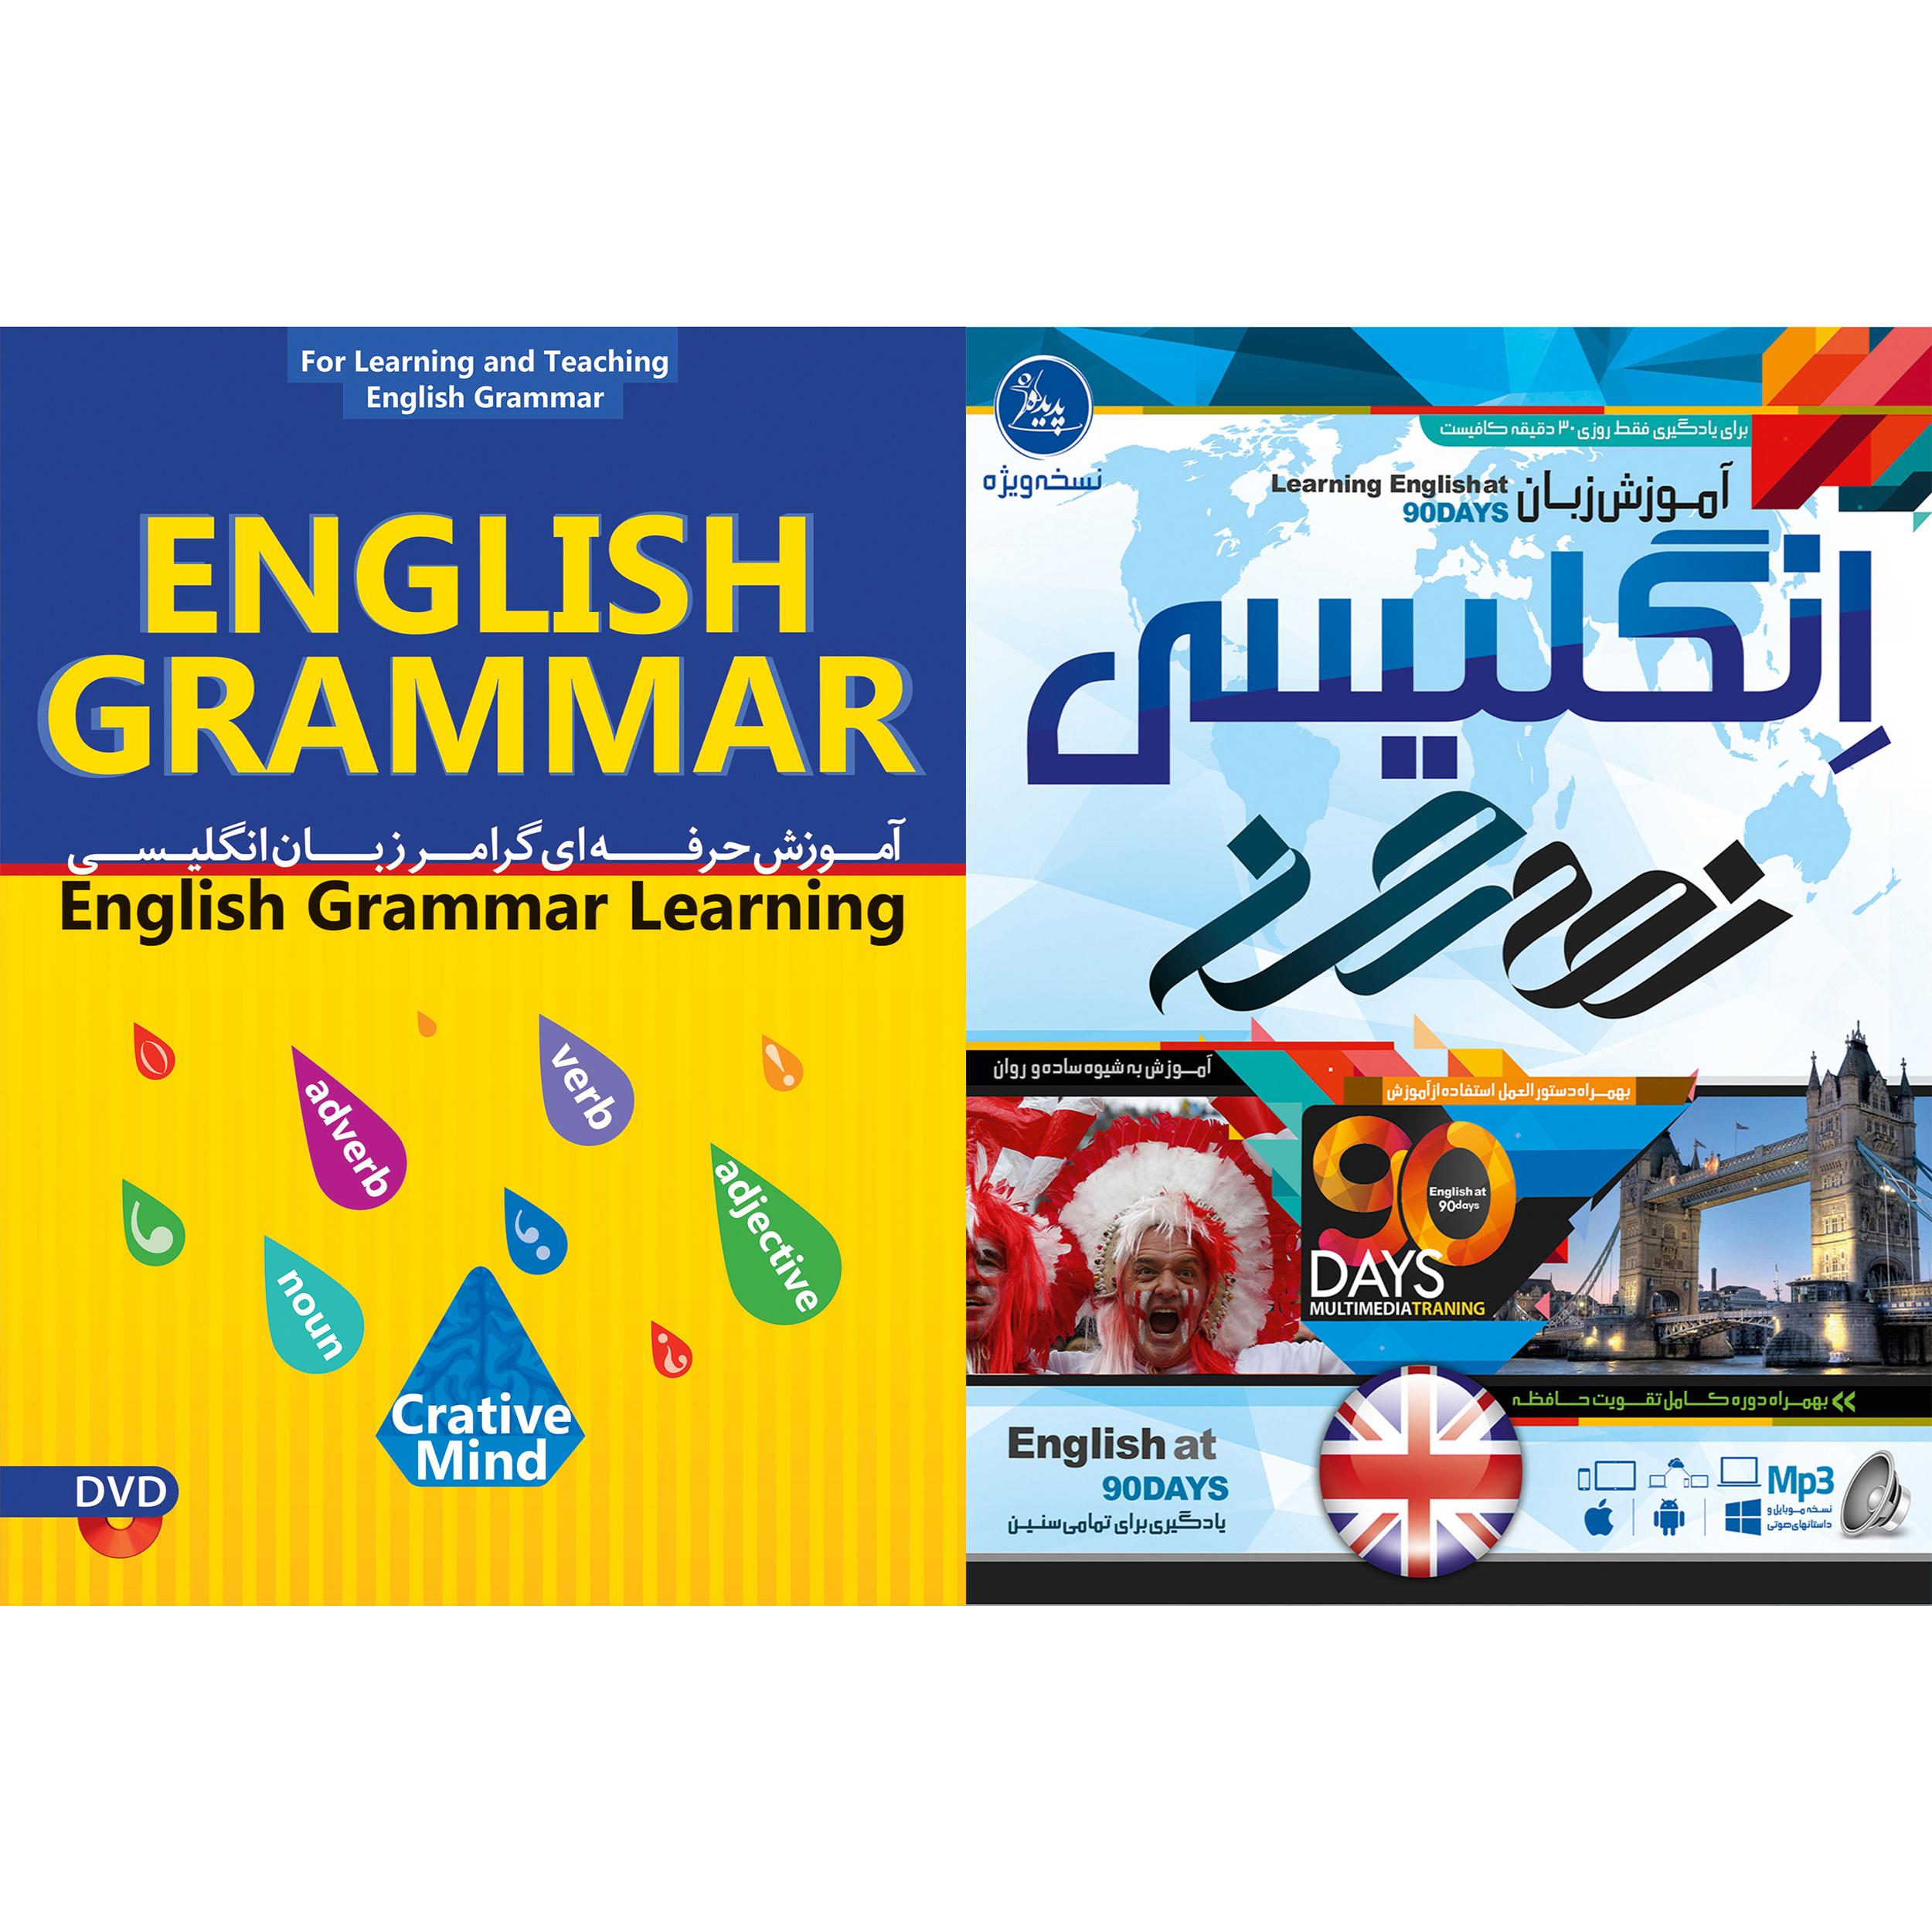 نرم افزار آموزش زبان انگلیسی نود روز نشر پدیده به همراه نرم افزار آموزش حرفه ای گرامر زبان انگلیسی نشر پدیده